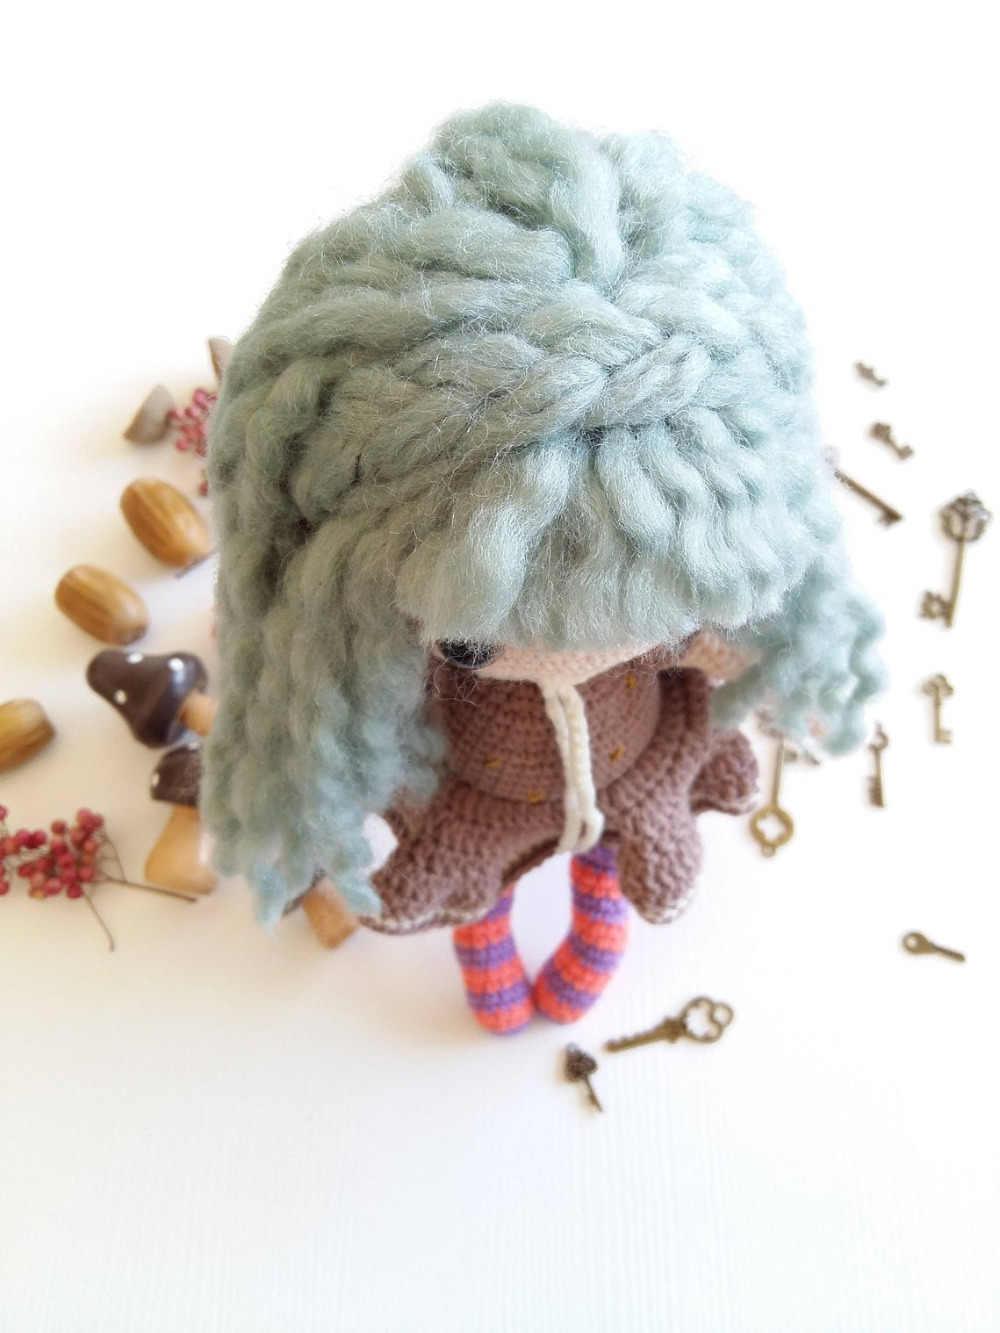 Getting ready for Hallowe'en, Amigurumi patterns aplenty! – Zeens ... | 1333x1000